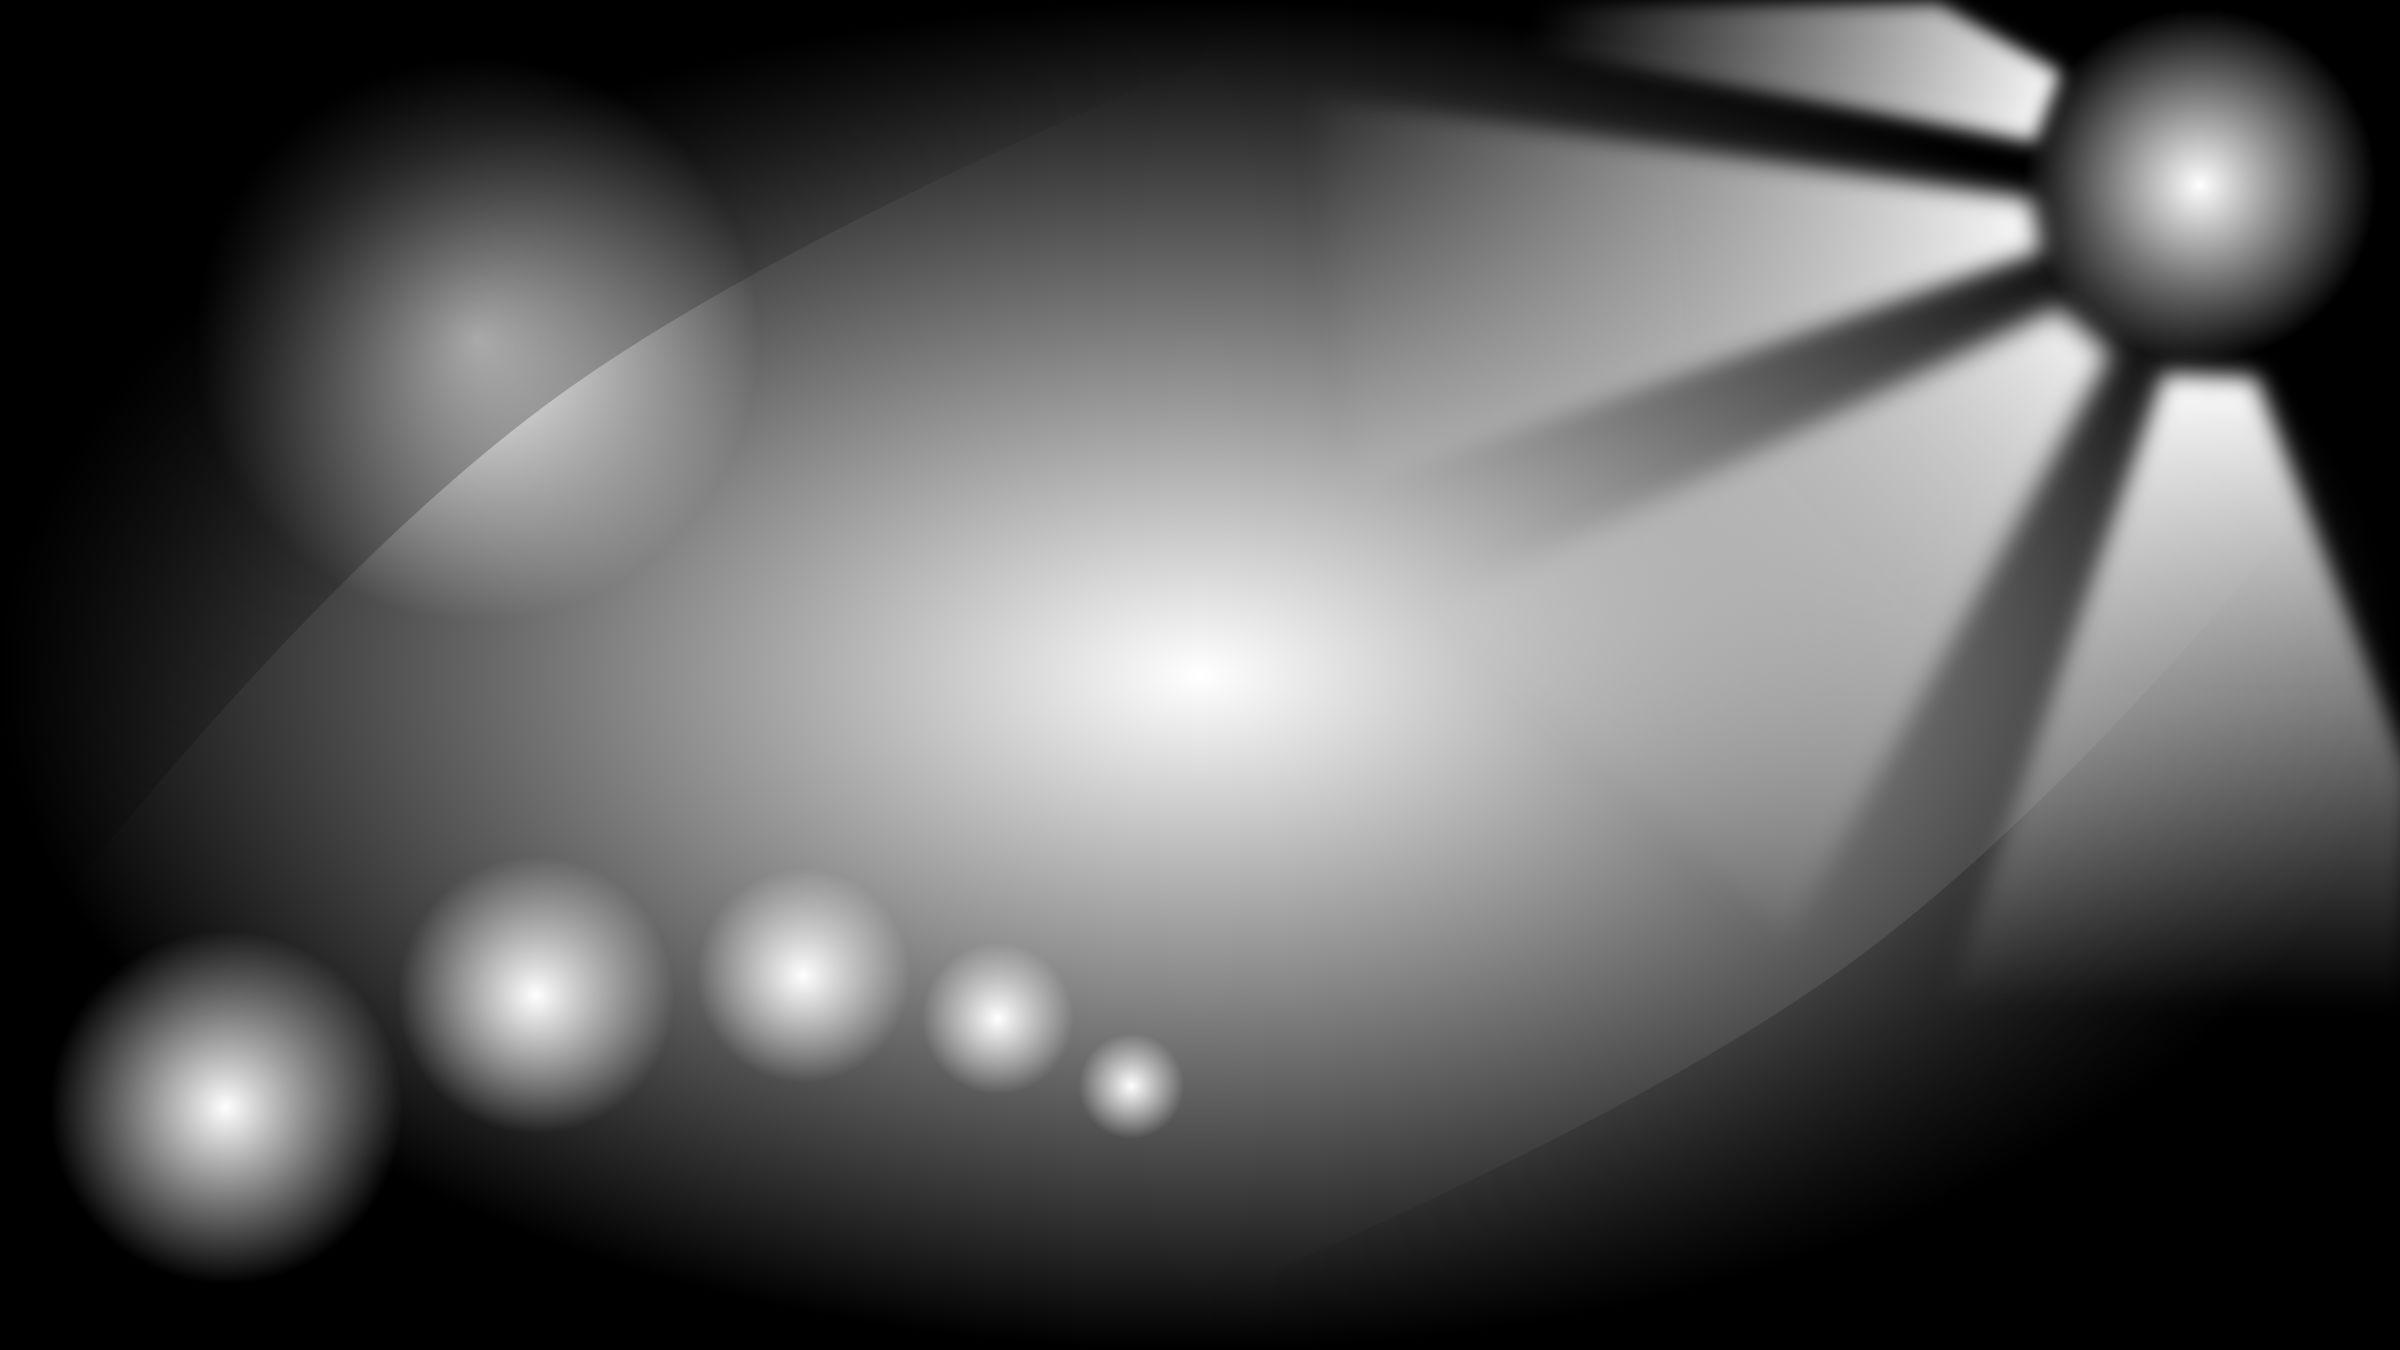 Fonds D Ecran Abstrait Noir Et Blanc Maximumwallhd Abstrait Fond D Ecran Abstrait Noir Et Blanc